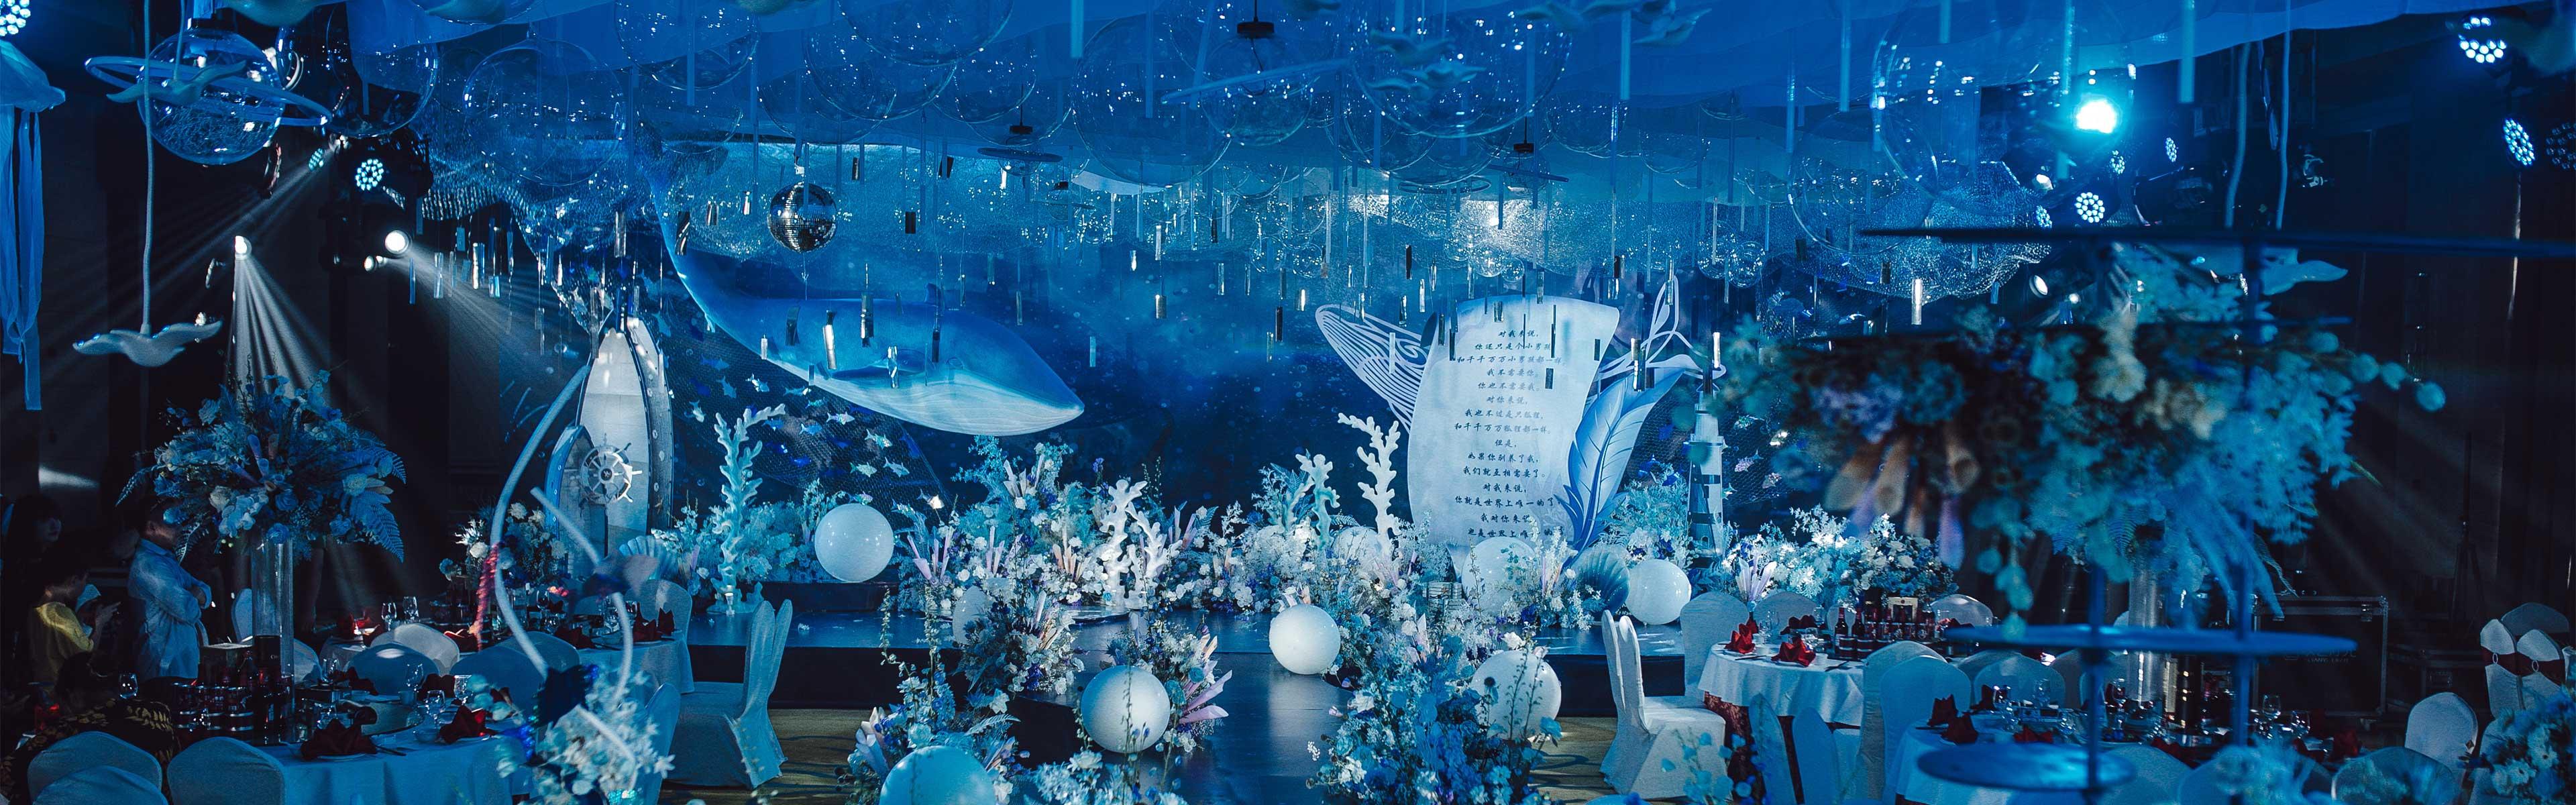 固安婚庆策划案例:鲸与海 | 湖南 长沙